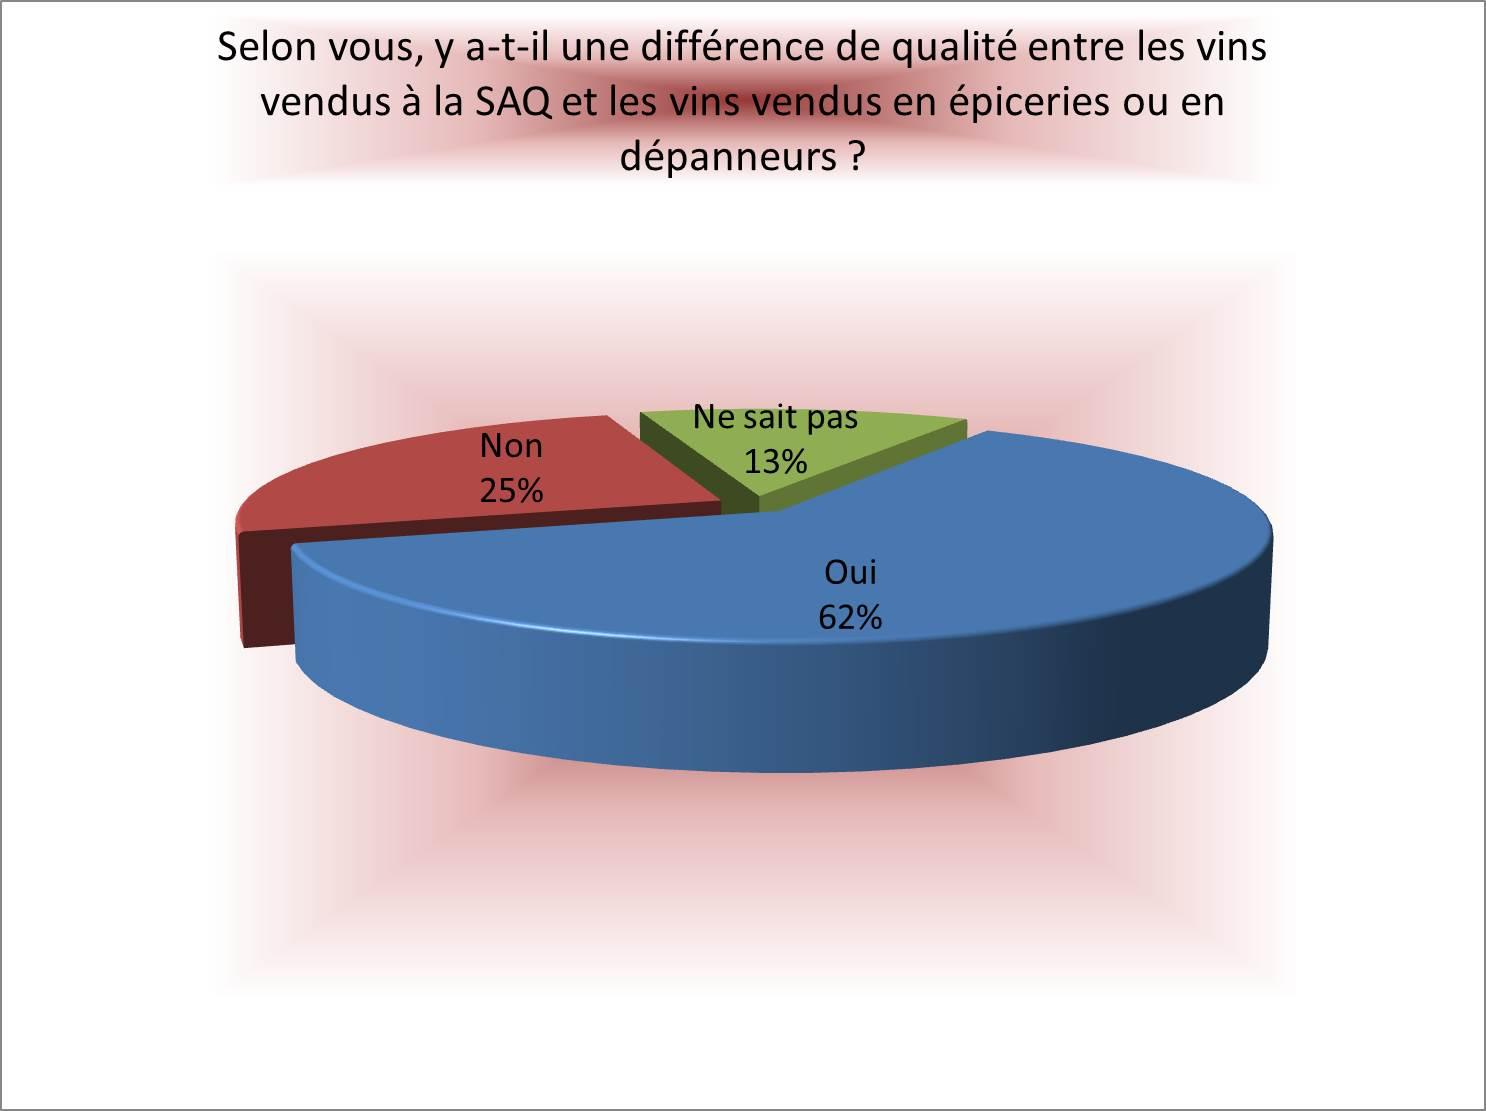 2013-09-28-pix_2013_septembre_23_Huffington_Post_Quebec_Toute_la_verite_sur_les_vins_vendus_dans_les_epiceries_et_les_depanneurs_3.jpg